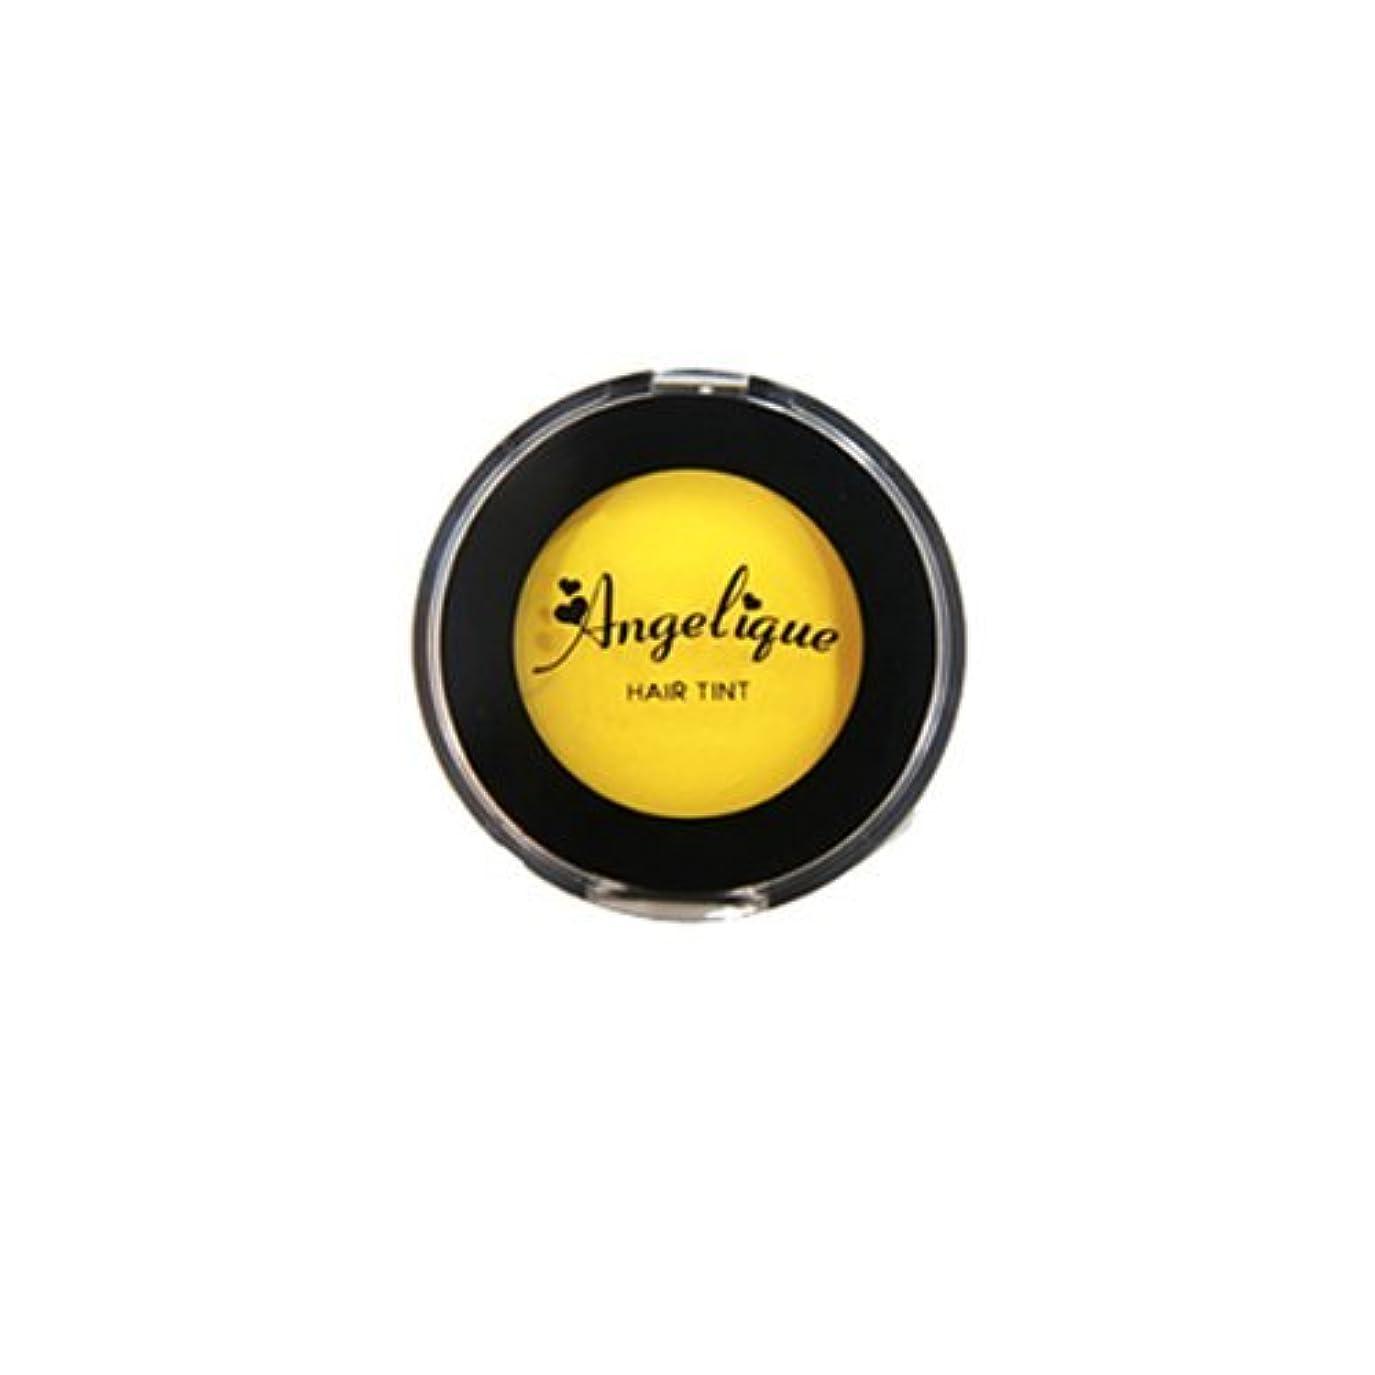 ストレッチ好意的まっすぐにするAngelique(アンジェリーク) ヘアチョーク ティント TINT ヘアカラーチョーク パウダータイプ イエロー